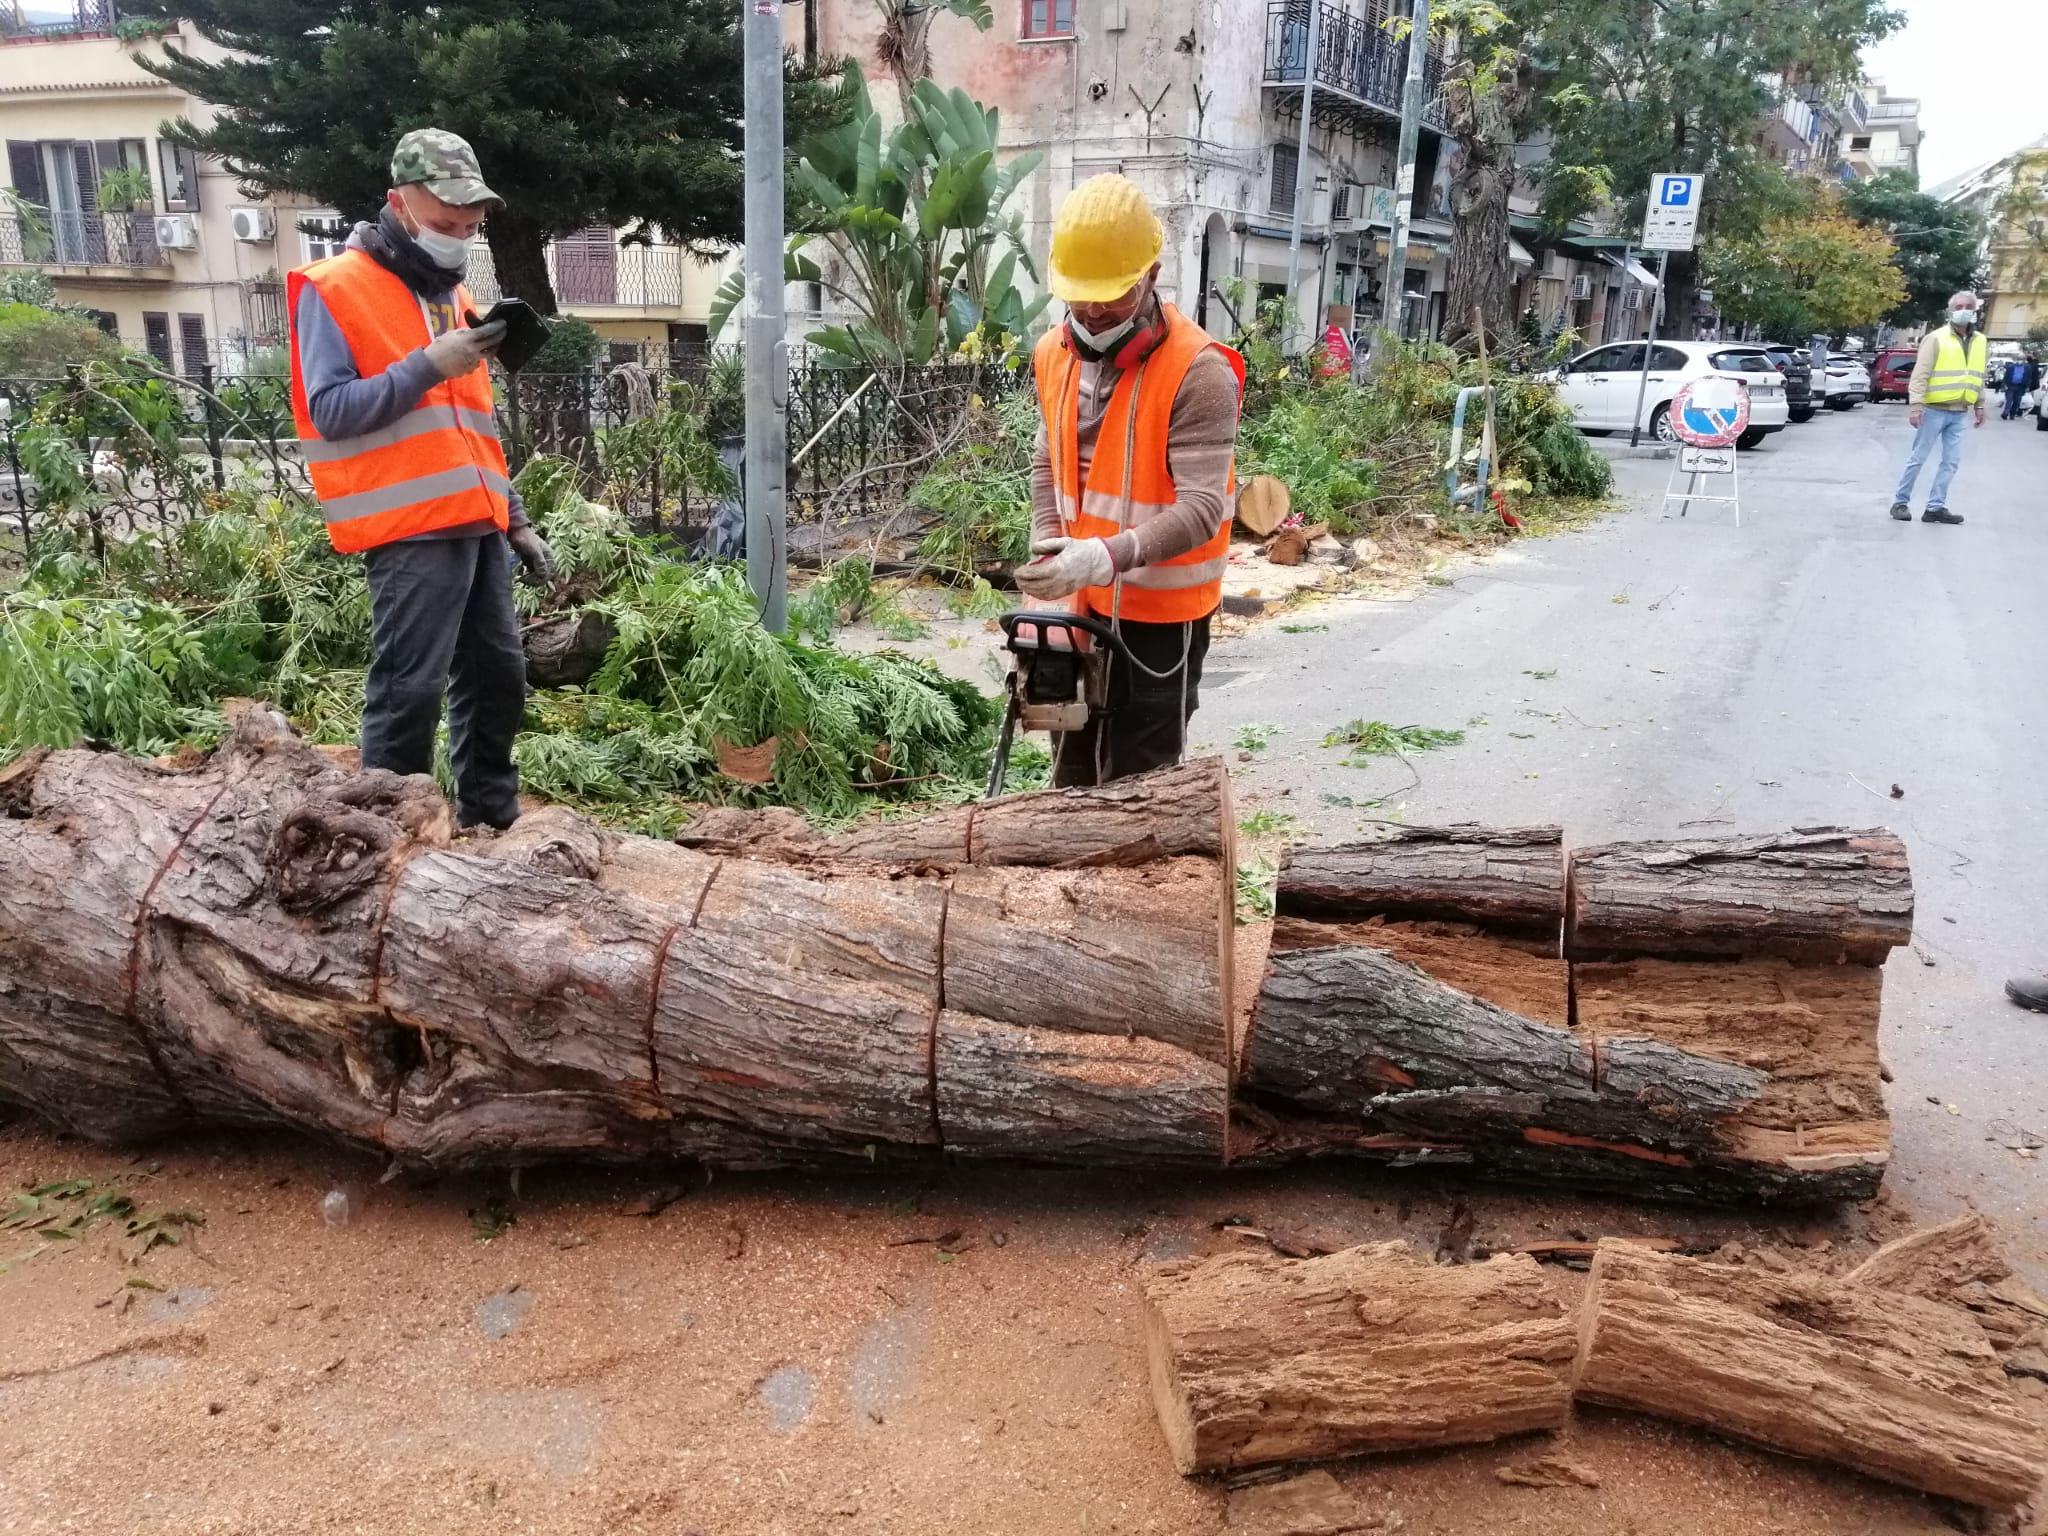 Pericolosi per passanti e auto: rimossi alberi della villetta di San Castrenze